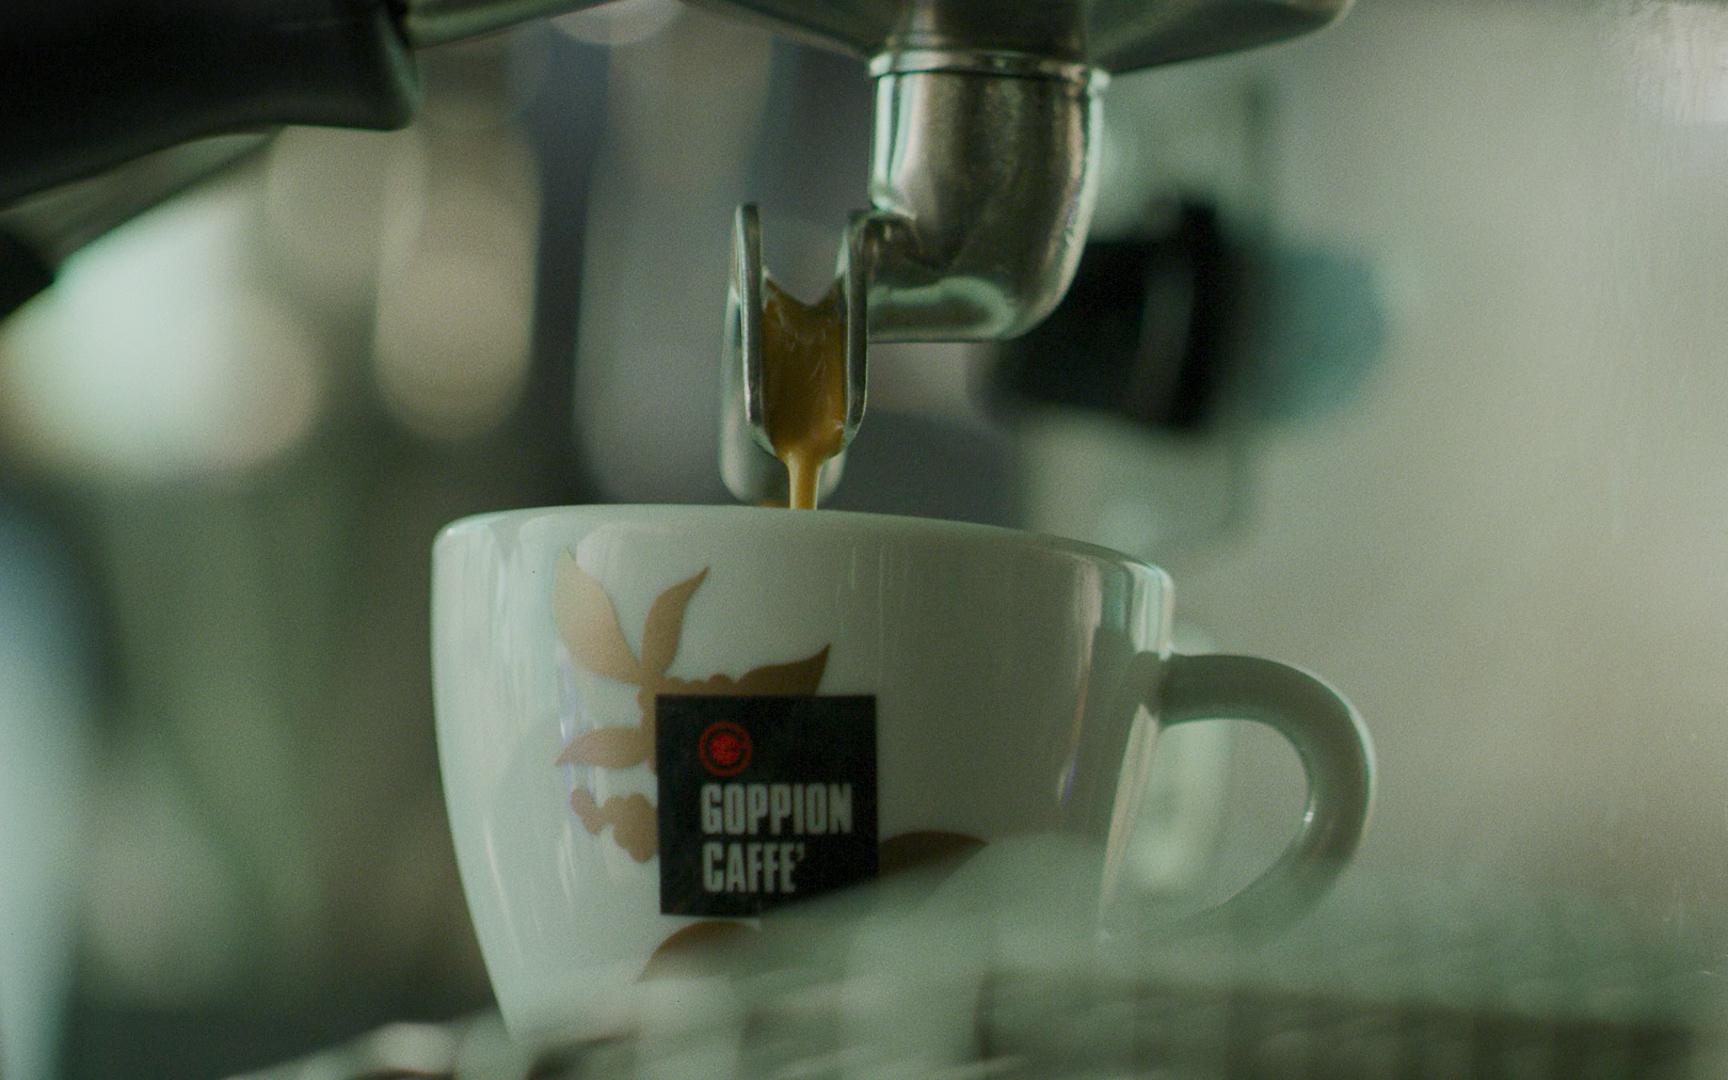 Goppion si unisce all'appello del mondo del Caffè Espresso al Ministro Patuanelli